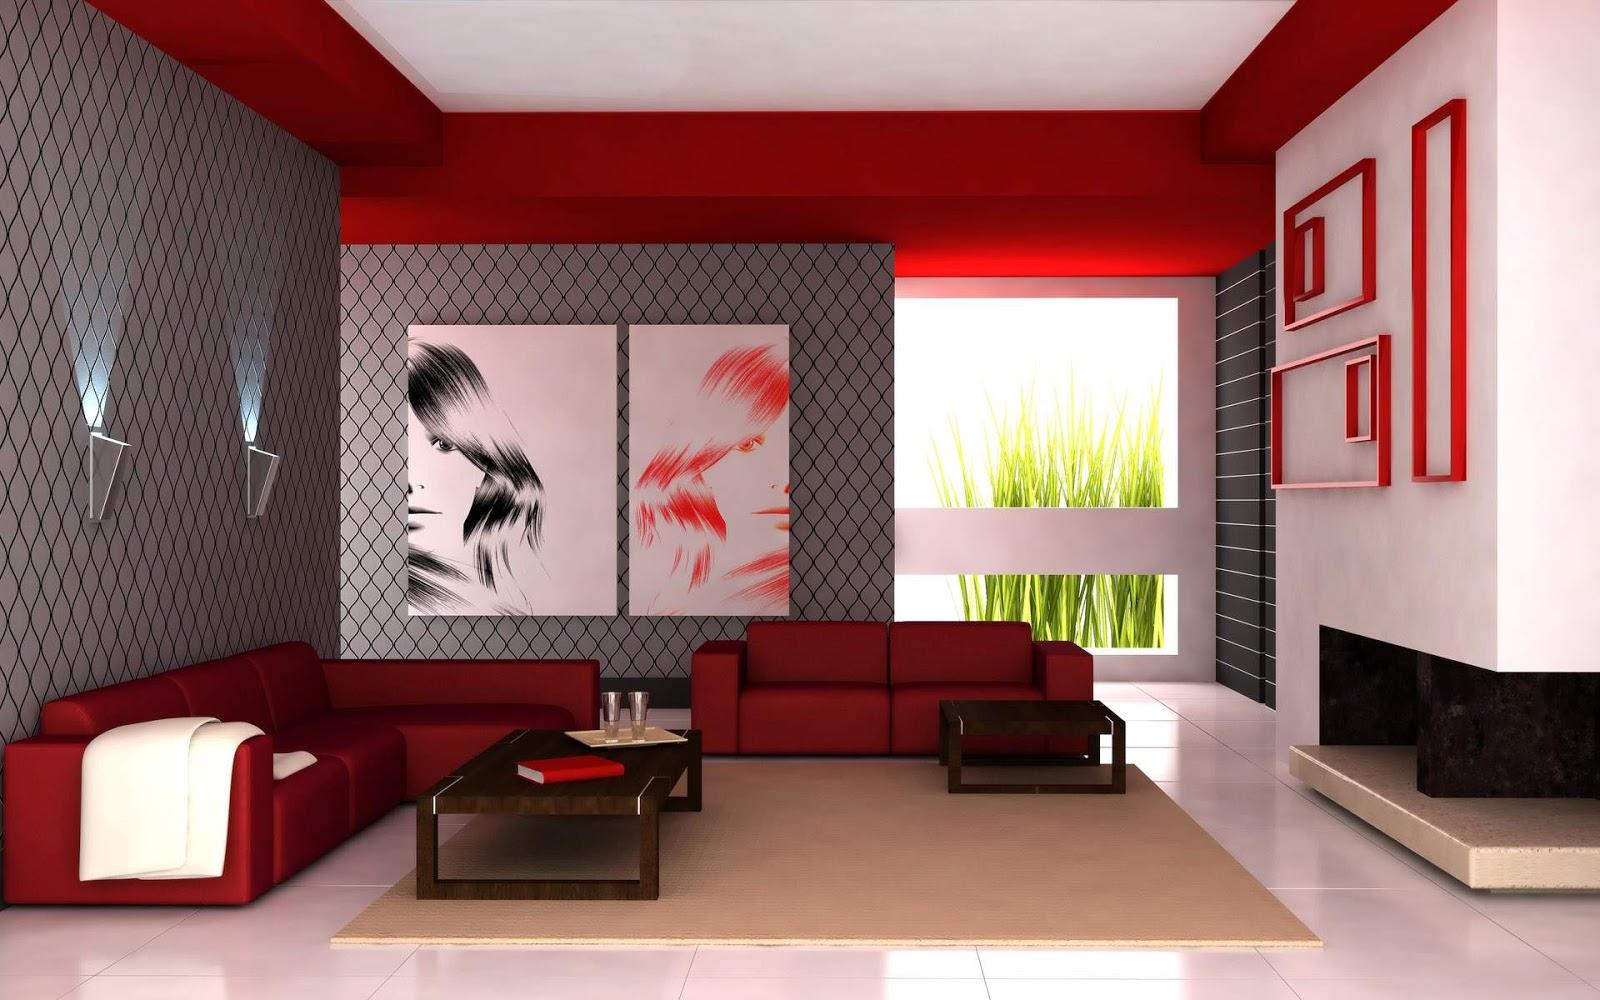 Home Decor And Interior Design Home Design And Decor